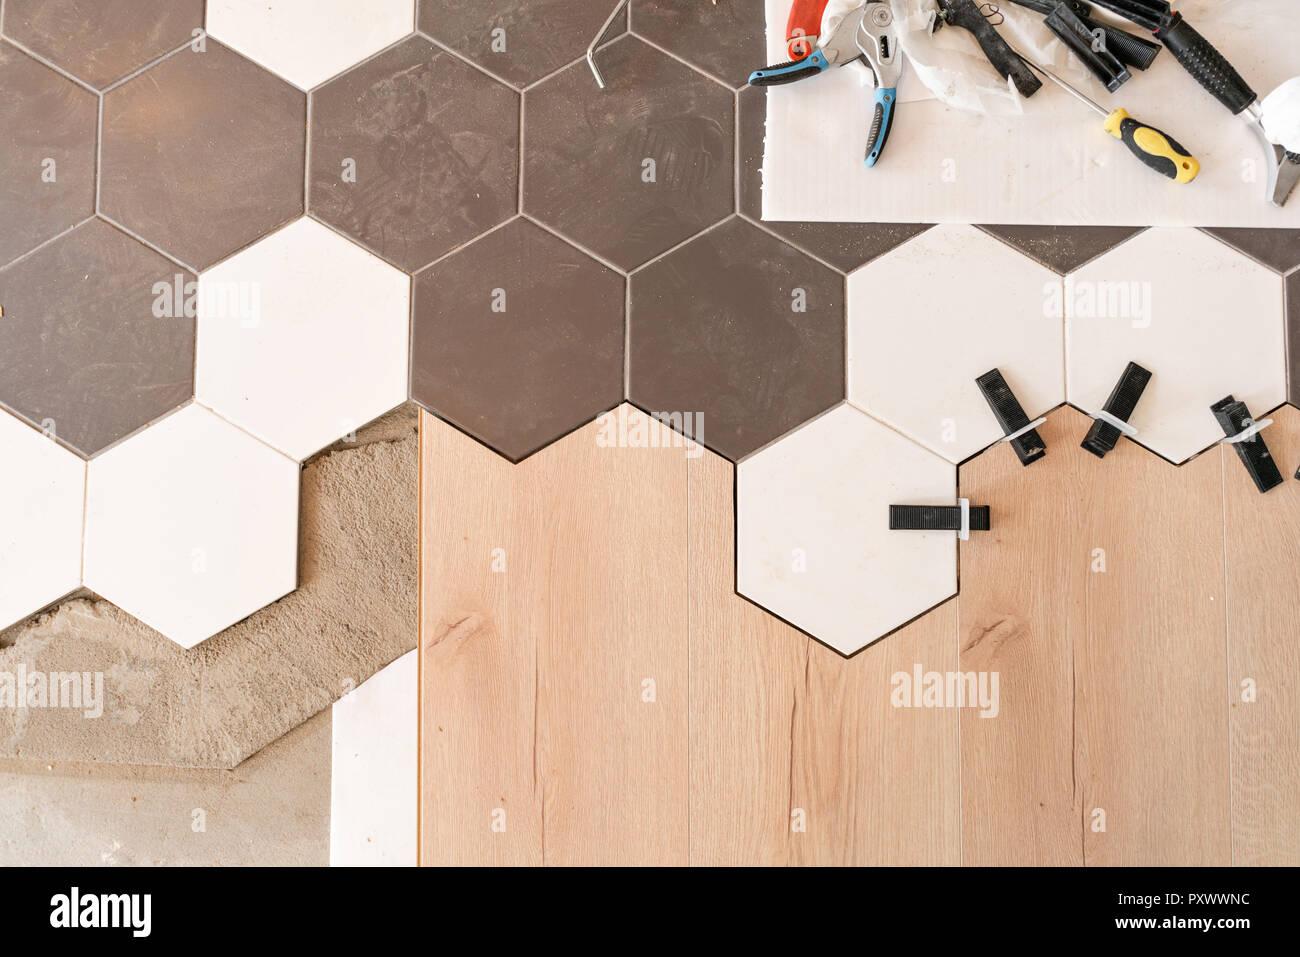 die kombination aus holz paneele laminat und fliesen in. Black Bedroom Furniture Sets. Home Design Ideas